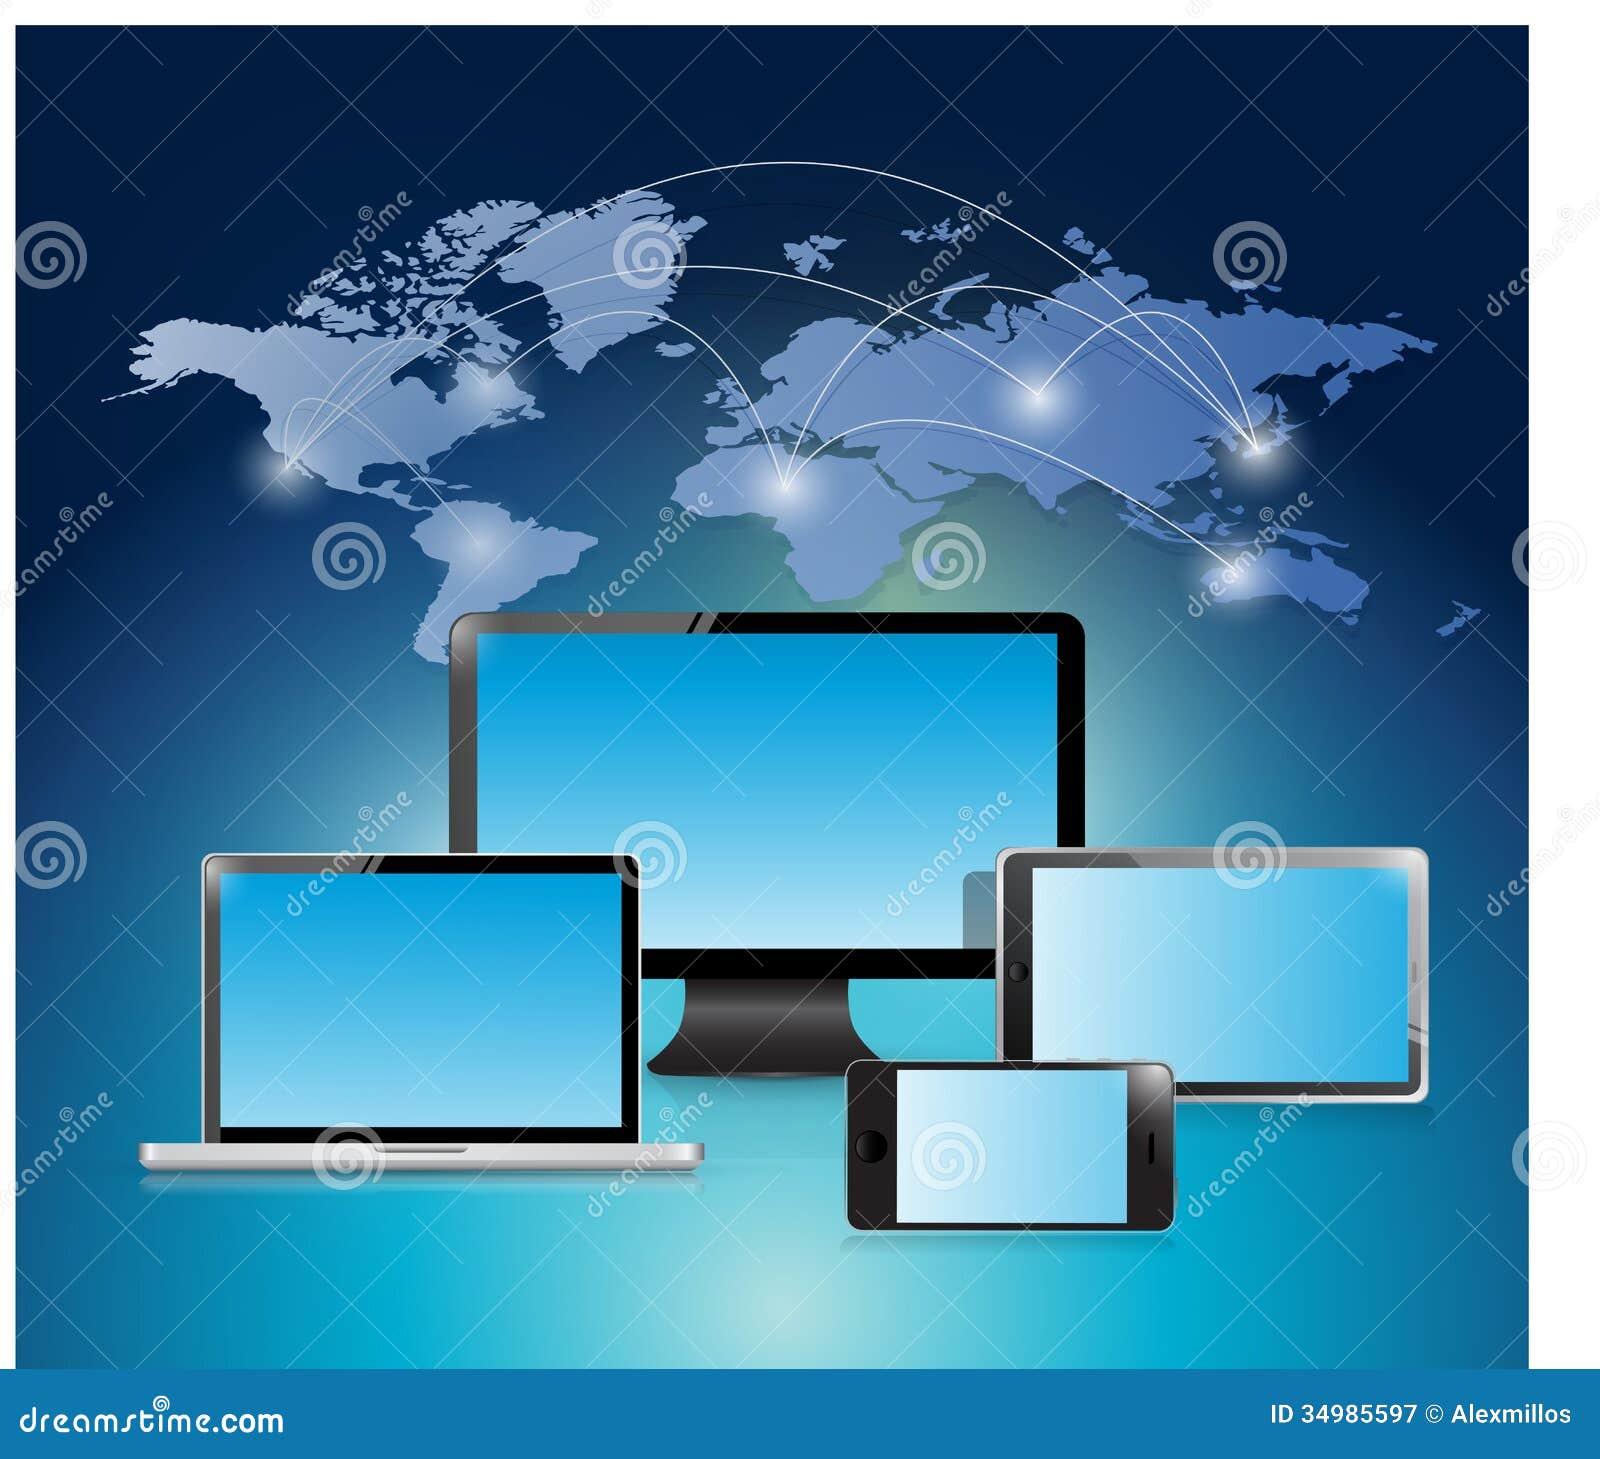 electronic world background - photo #43